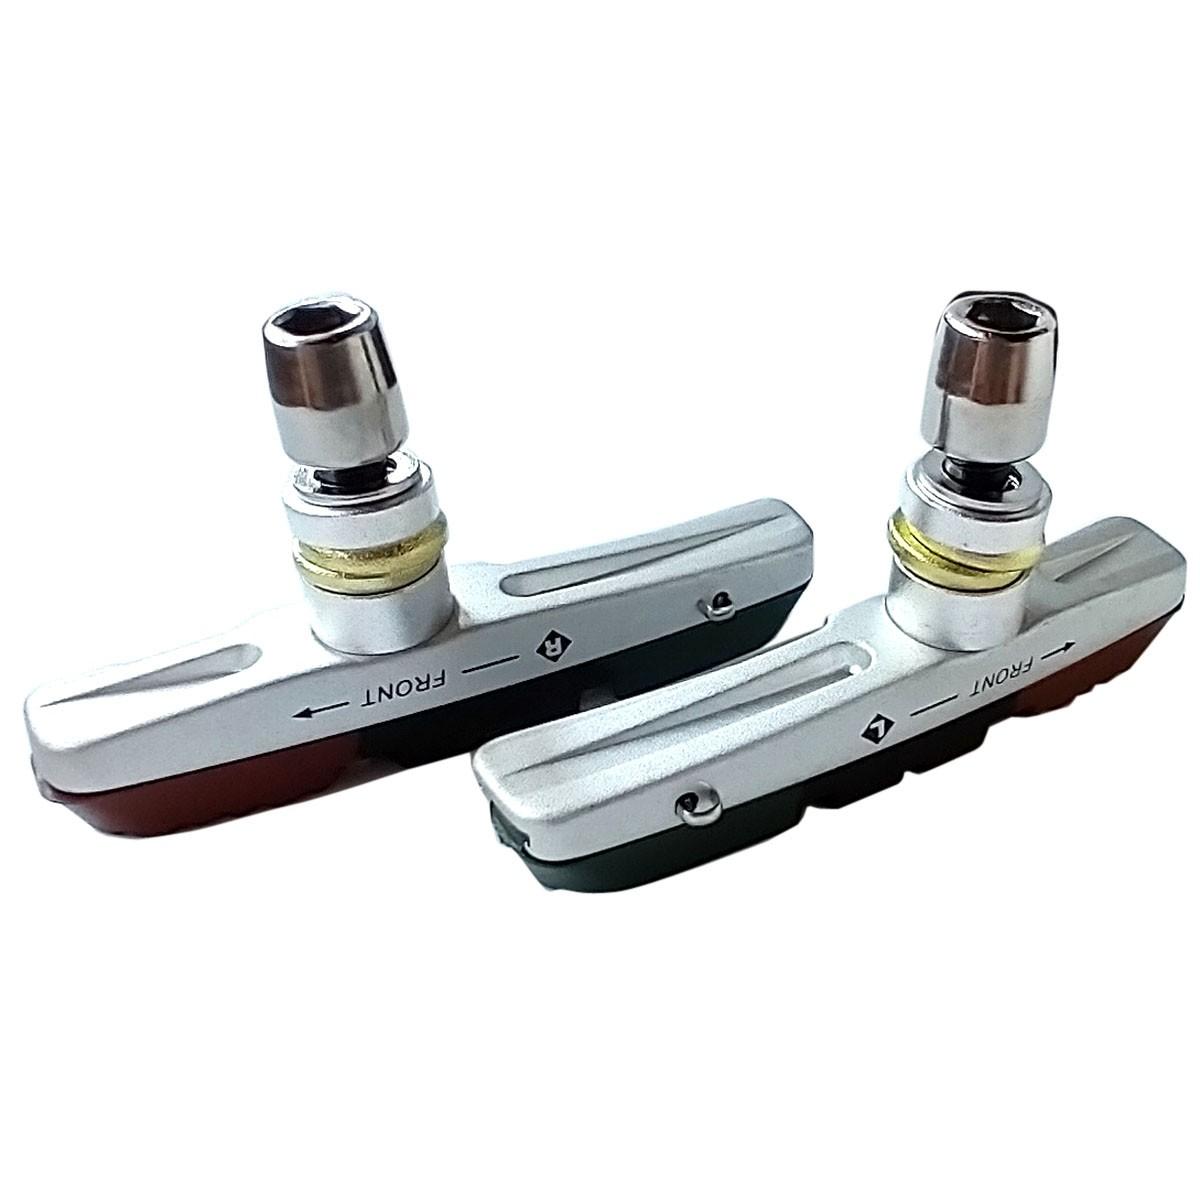 Sapata/Pastilha v-brake padrão Shimano (DEORE/LX/XT/XTR) 3 compostos